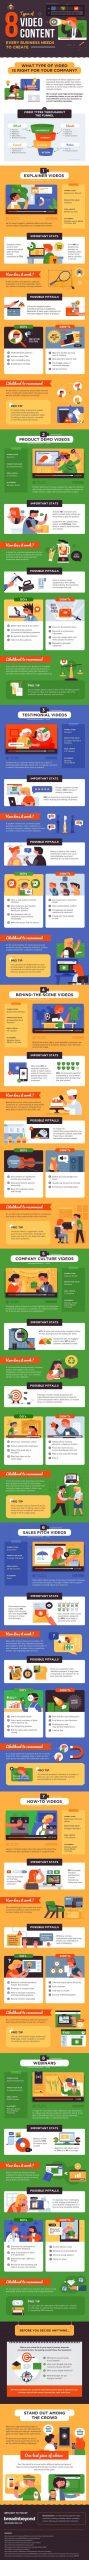 8 soorten online video's die werken voor ondernemers [infographic]